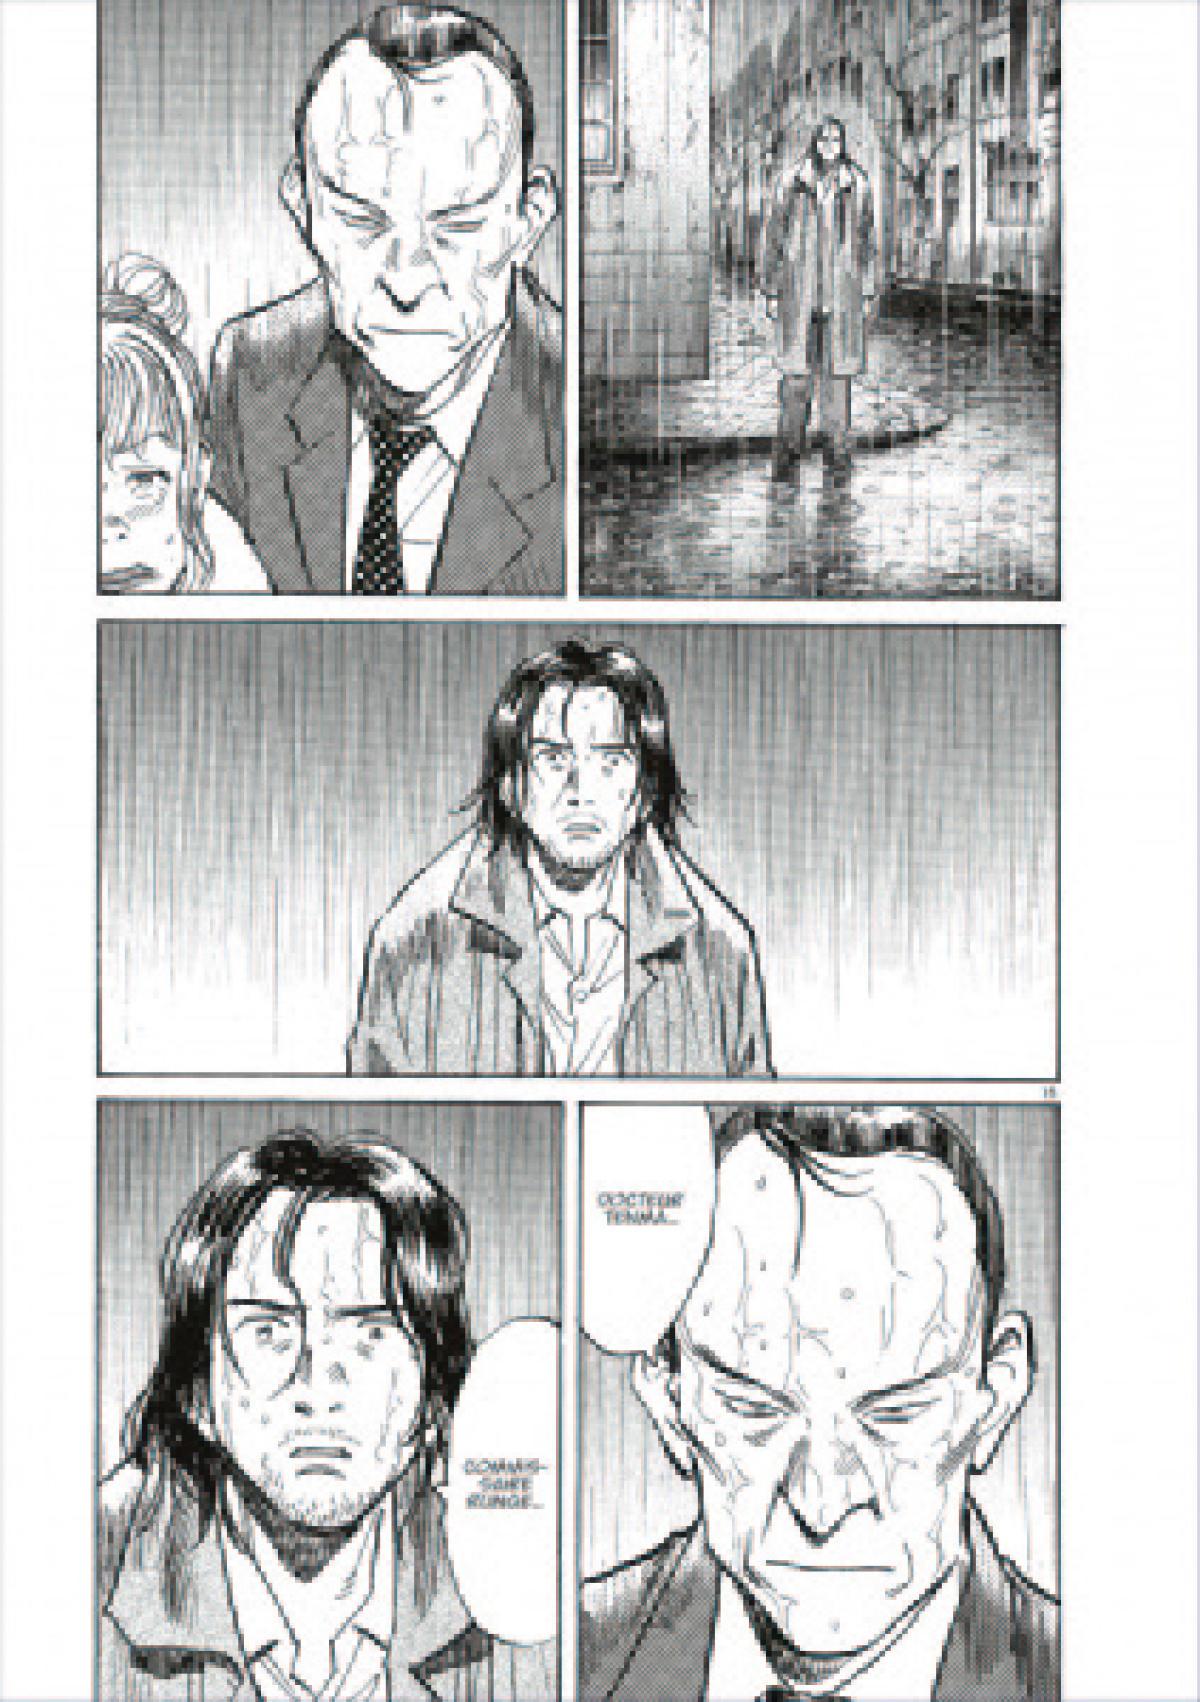 Le docteur Tenma doit lui-même rester discret pour échapper à l'inspecteur Runge, persuadé de sa culpabilité.